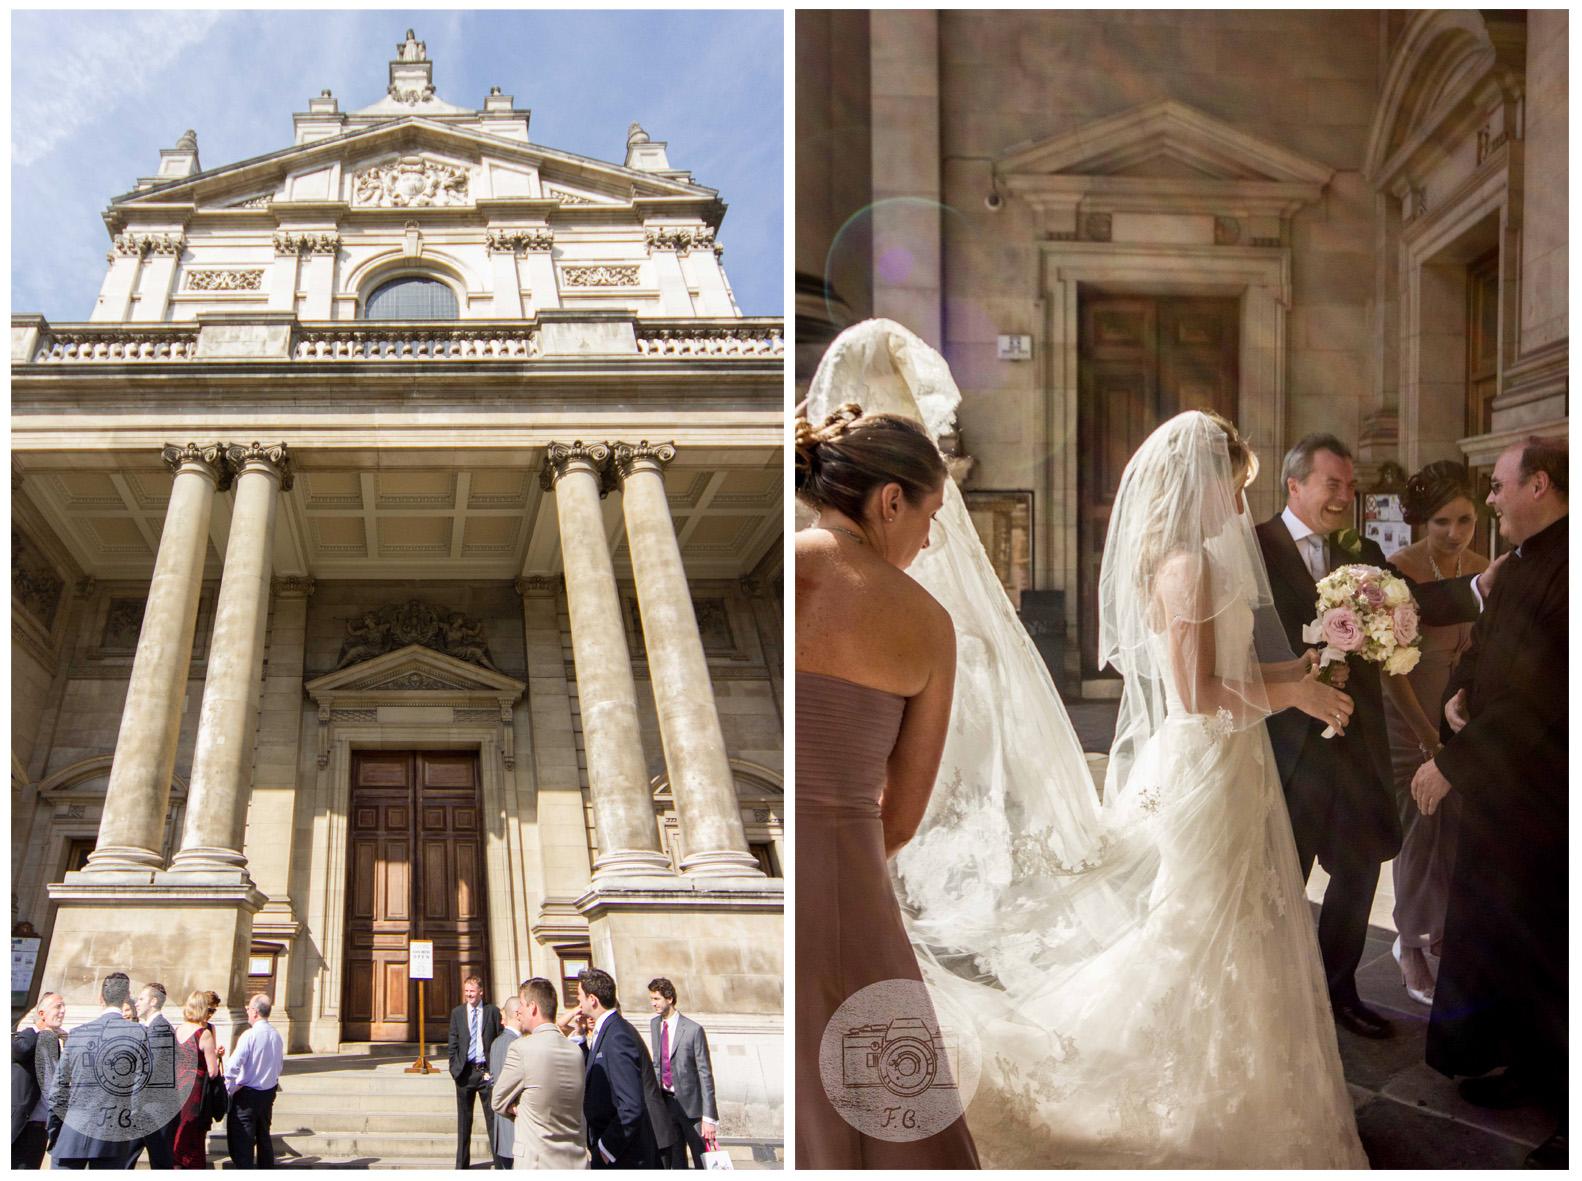 Berlin Hochzeitsfotografie 13a.jpg